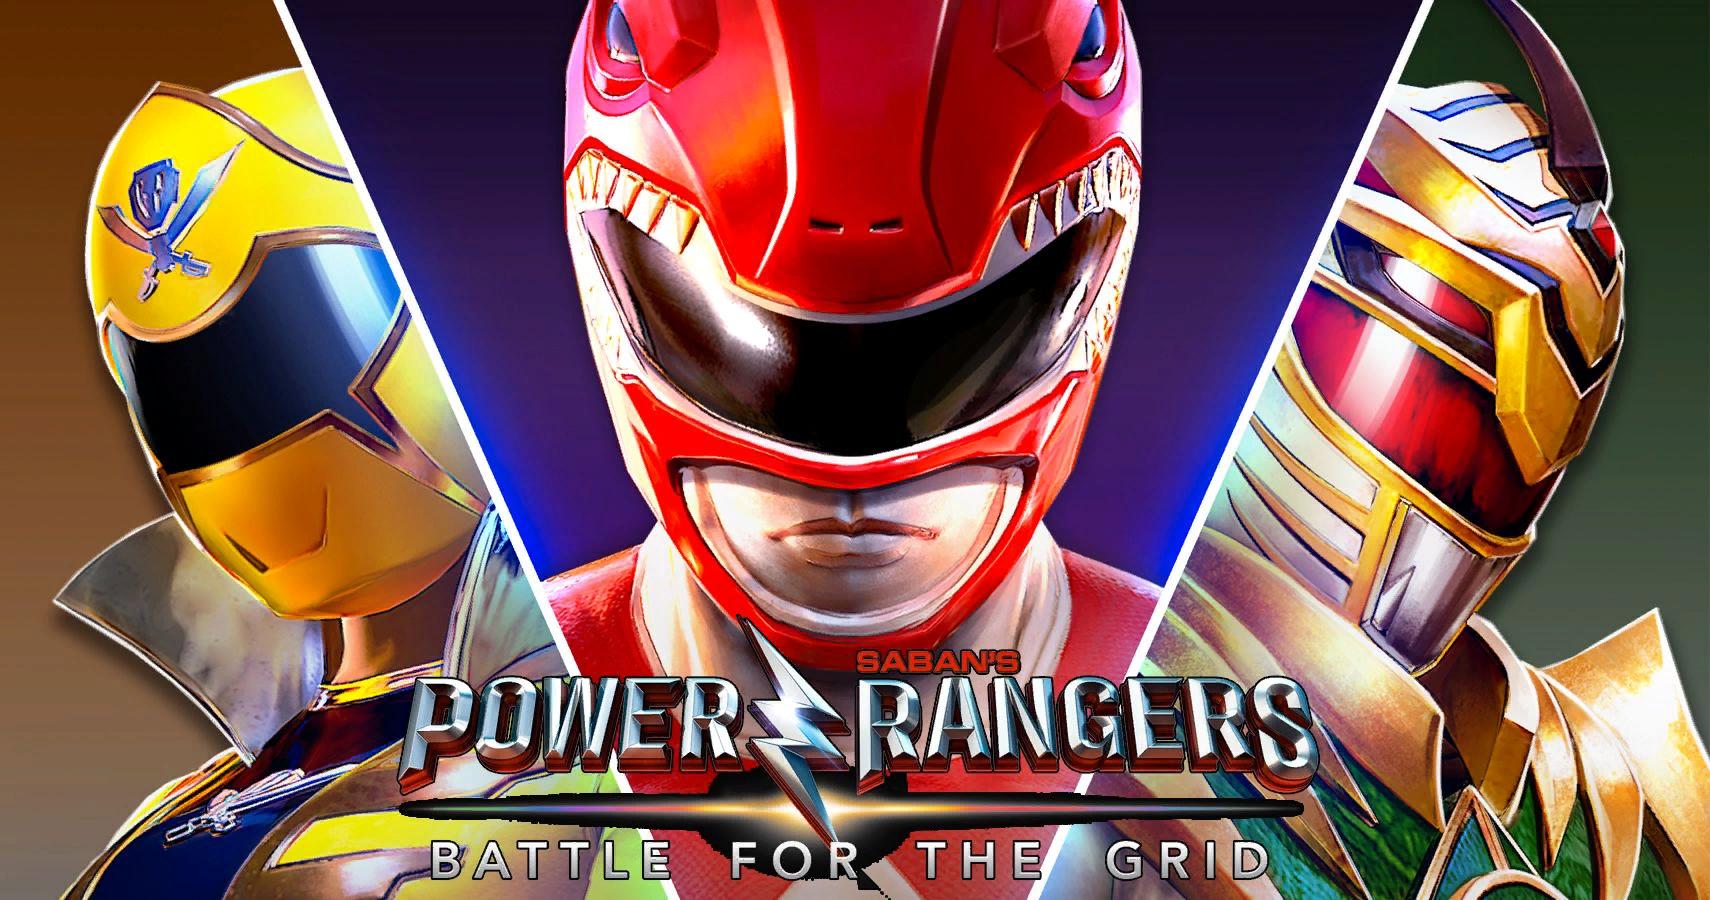 Коллекционное издание Power Rangers: Battle for the Grid выйдет в октябре